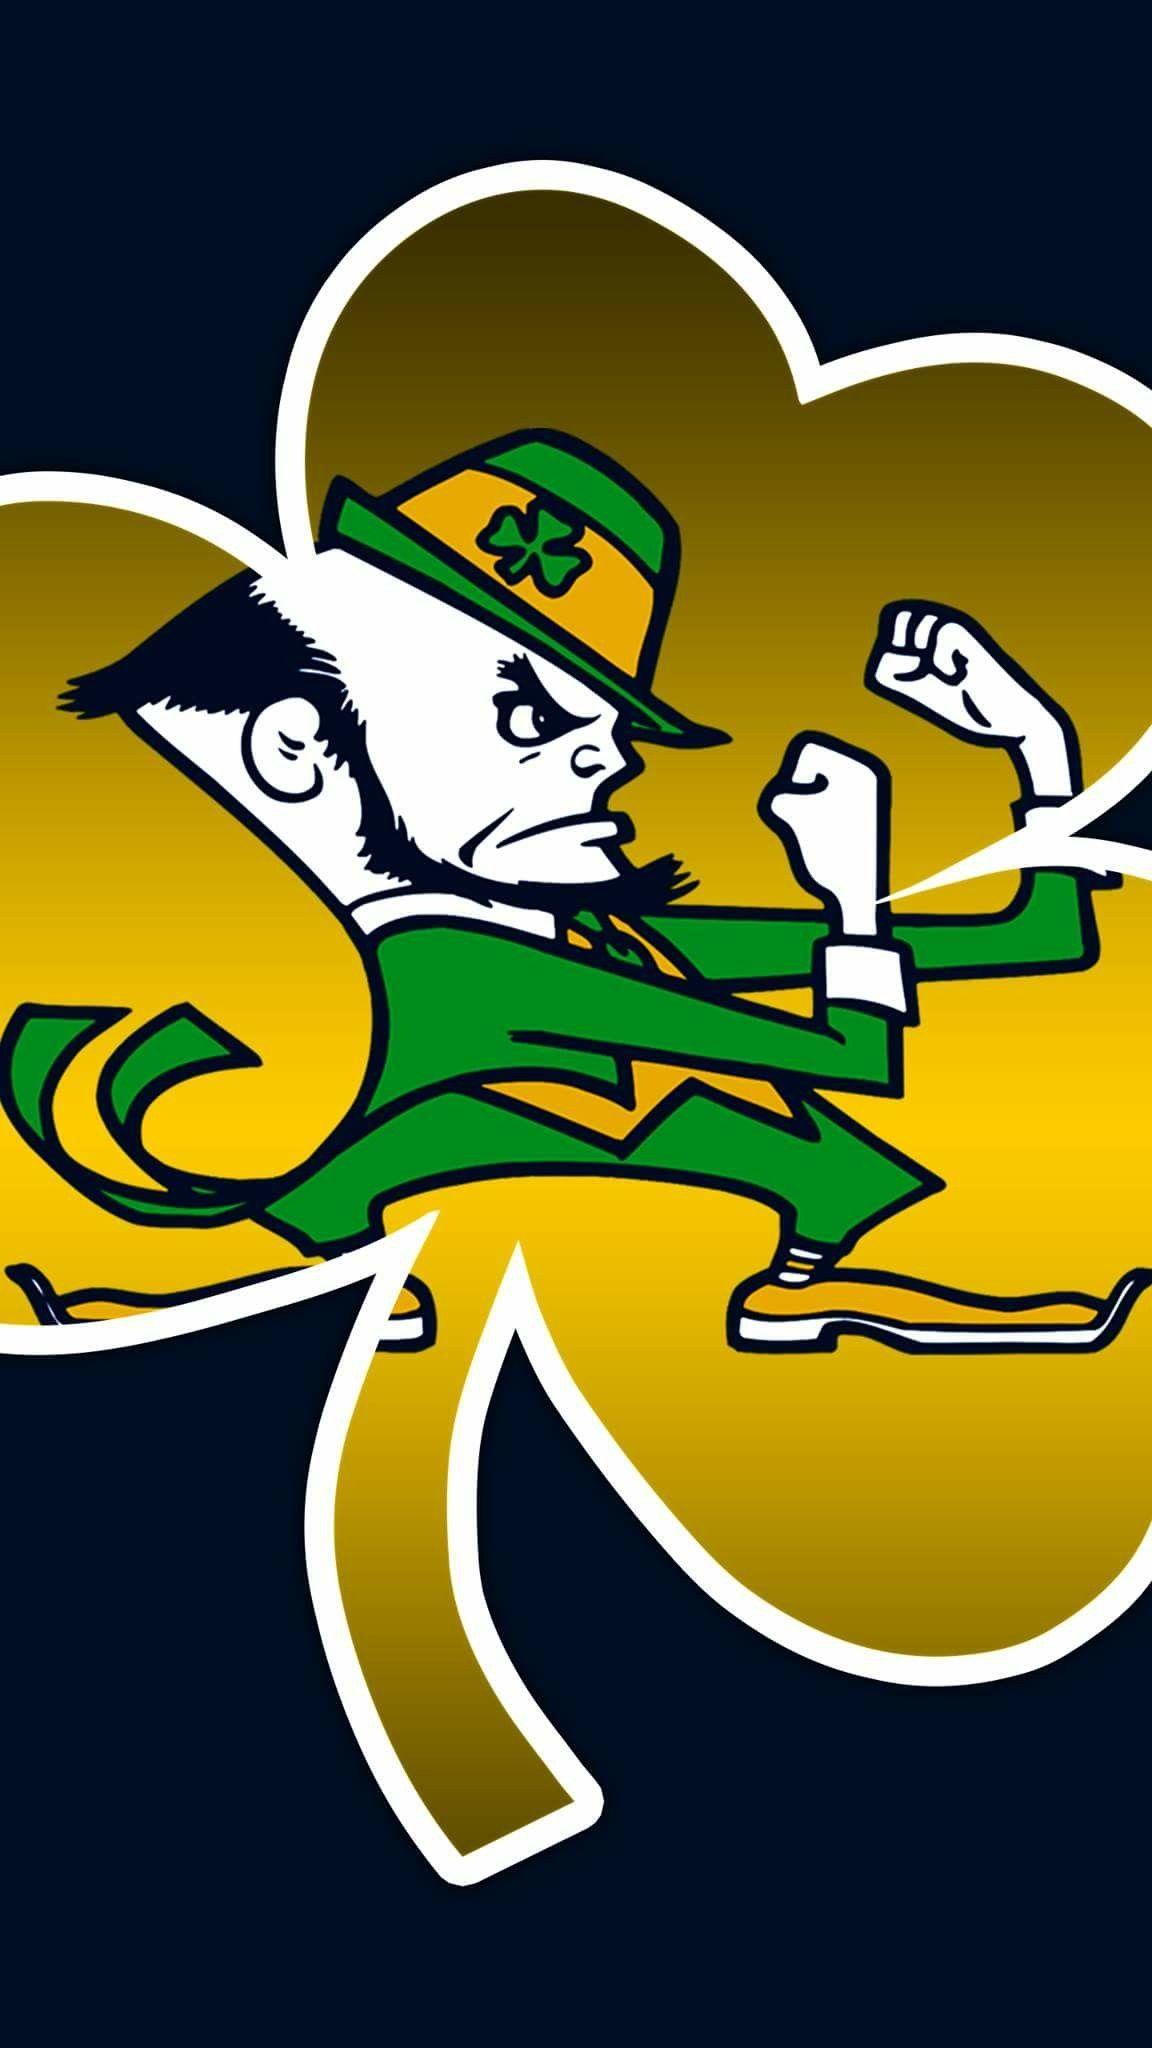 Fighting Irish Notre dame fighting irish football